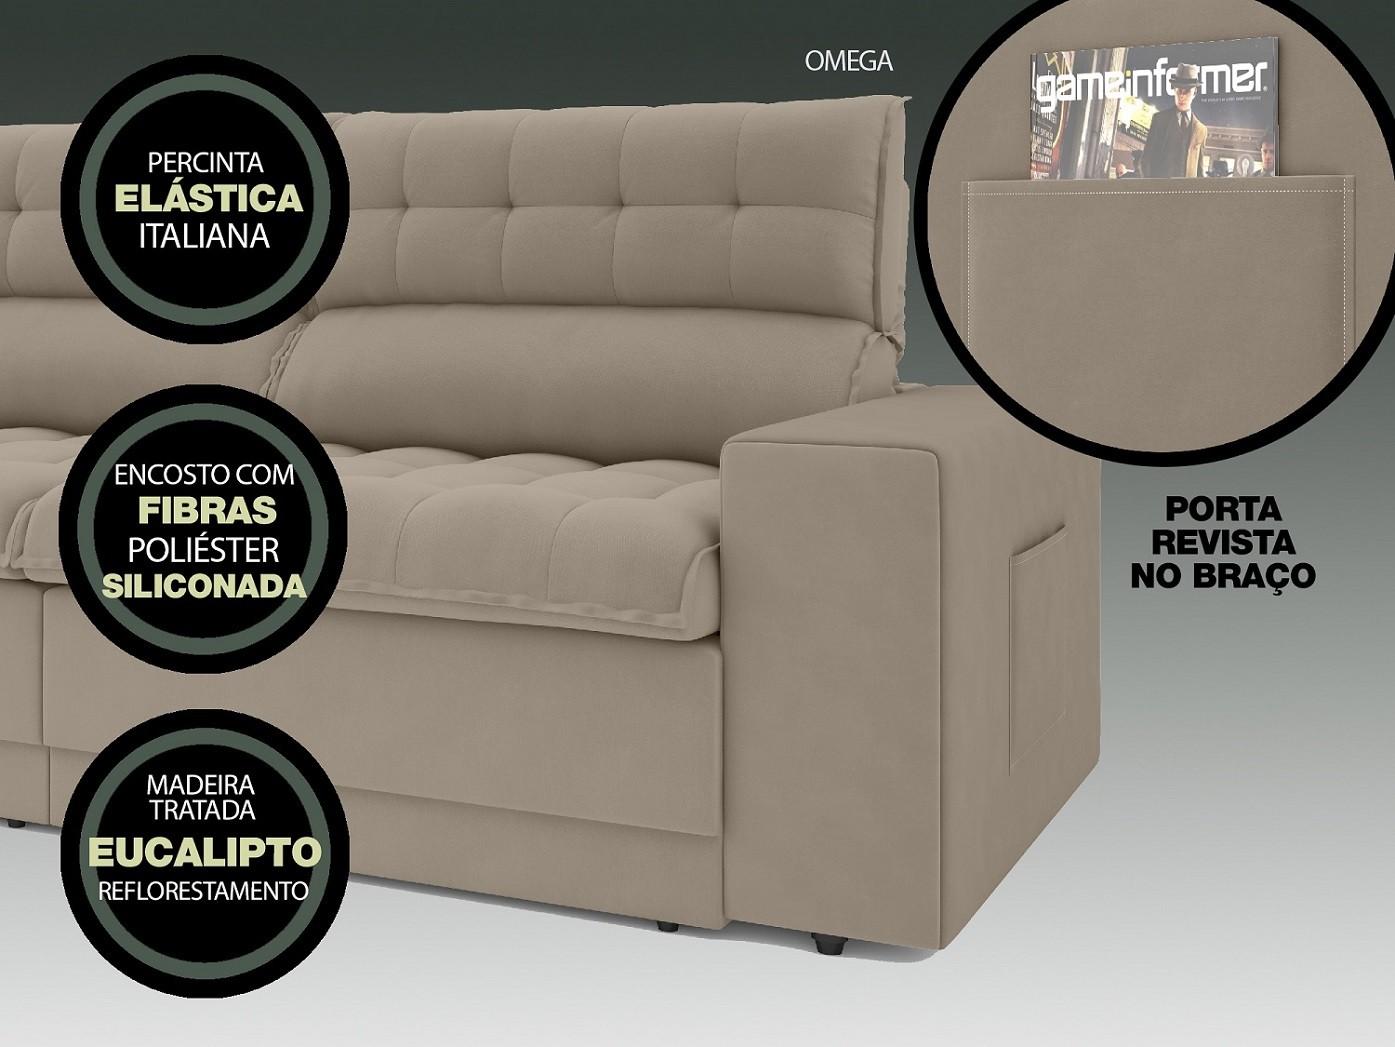 Sofá Omega 2,50m Assento Retrátil e Reclinável Velosuede Capuccino - NETSOFAS